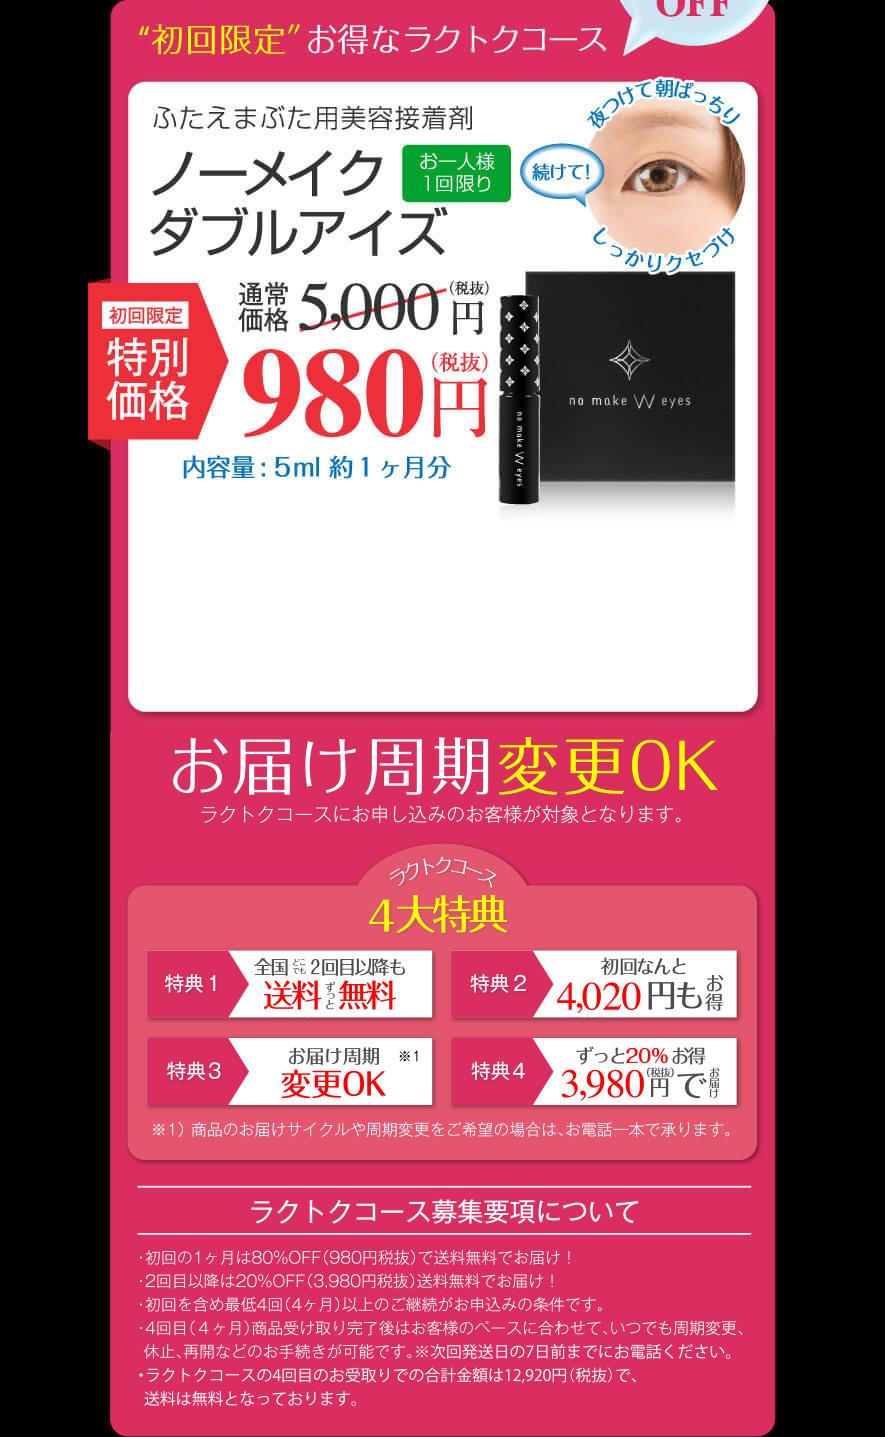 ノーメイクダブルアイズ ふたえまぶた用美容接着剤 980円(税抜)